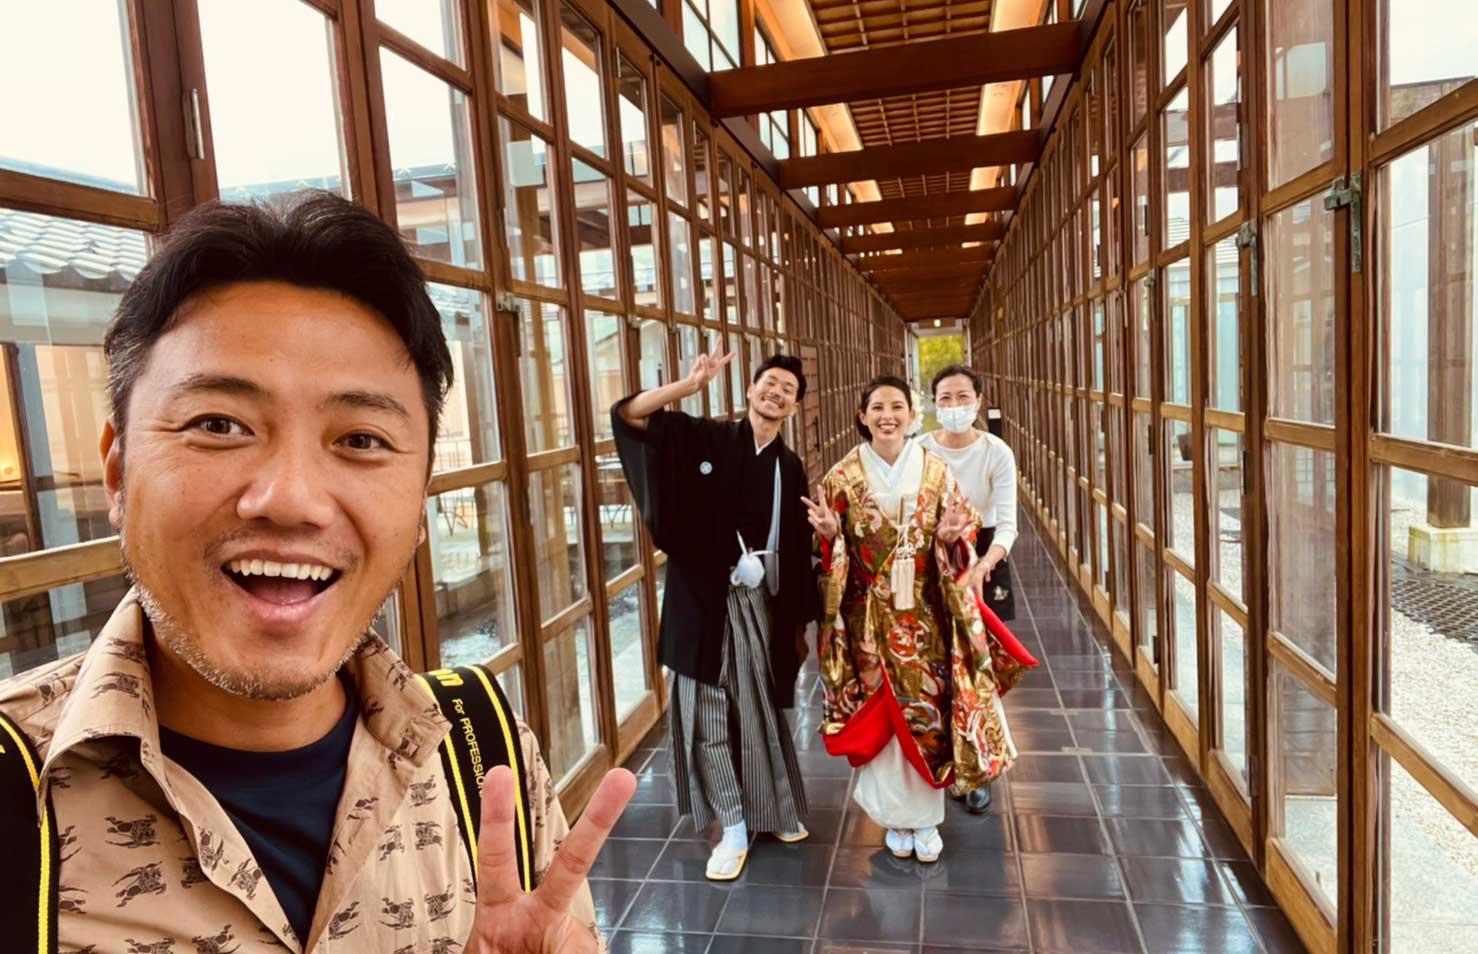 石垣島から箱根に出張撮影!ウェディングフォトのサンプル写真を撮りました